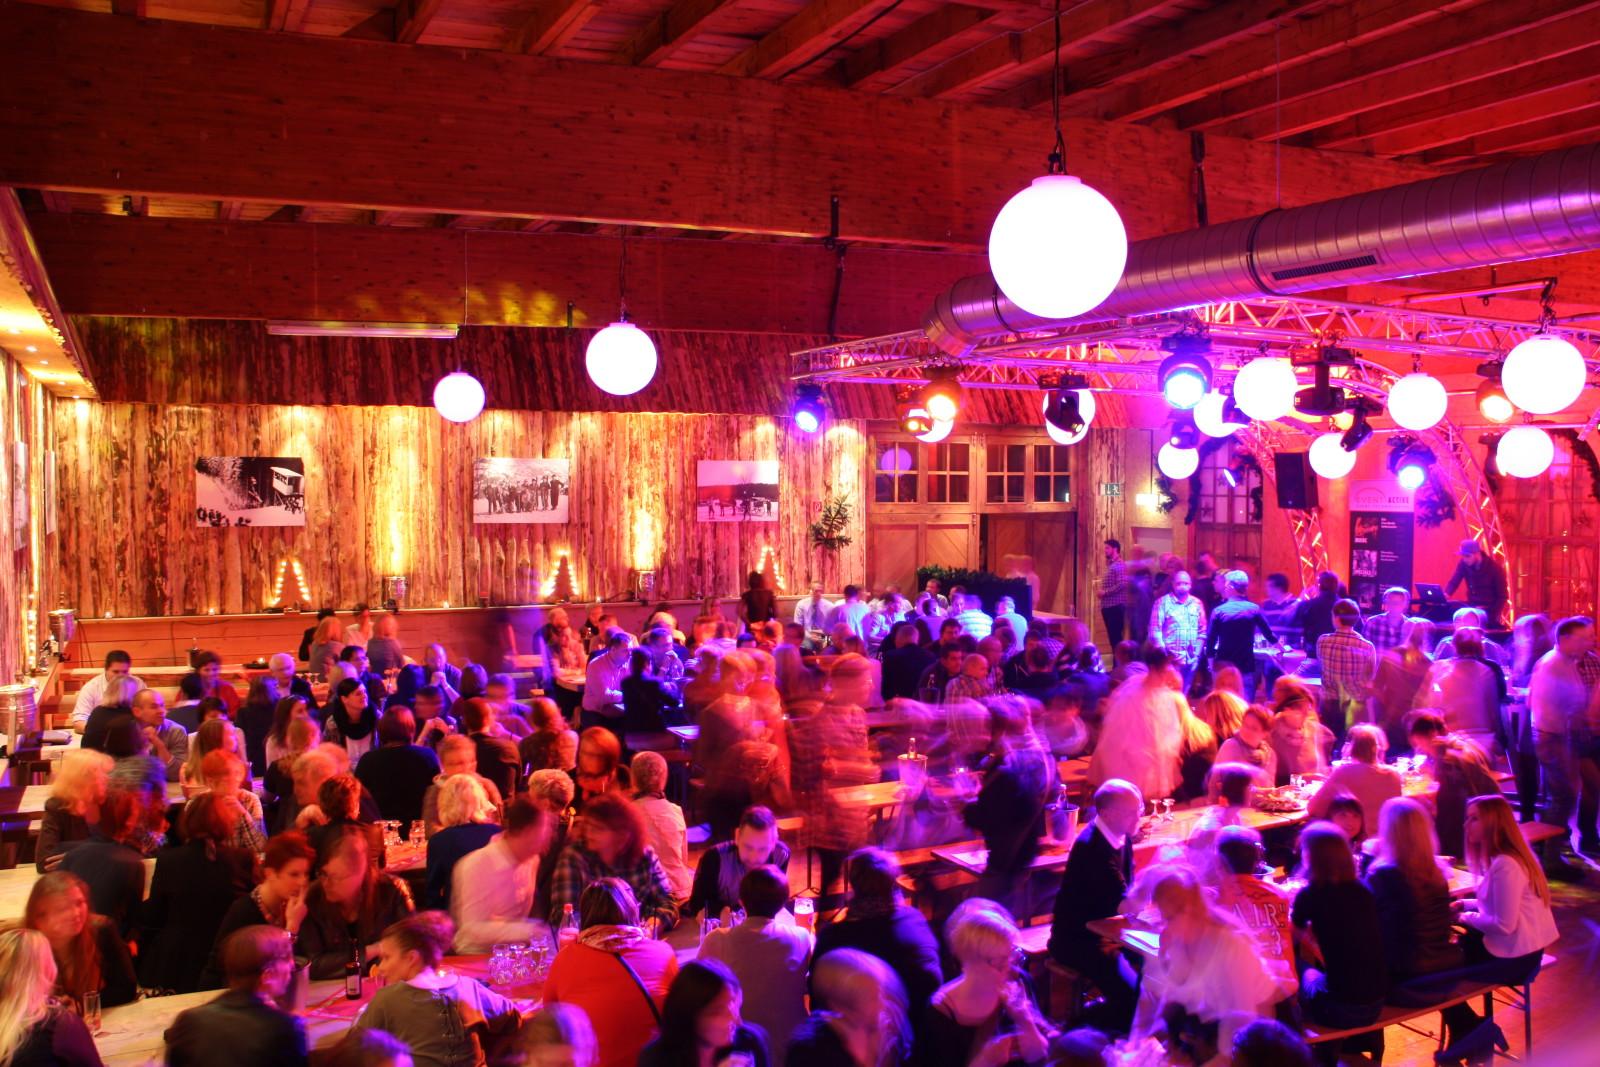 Weihnachtsfeiern im alten Sägewerk Schmallenberg